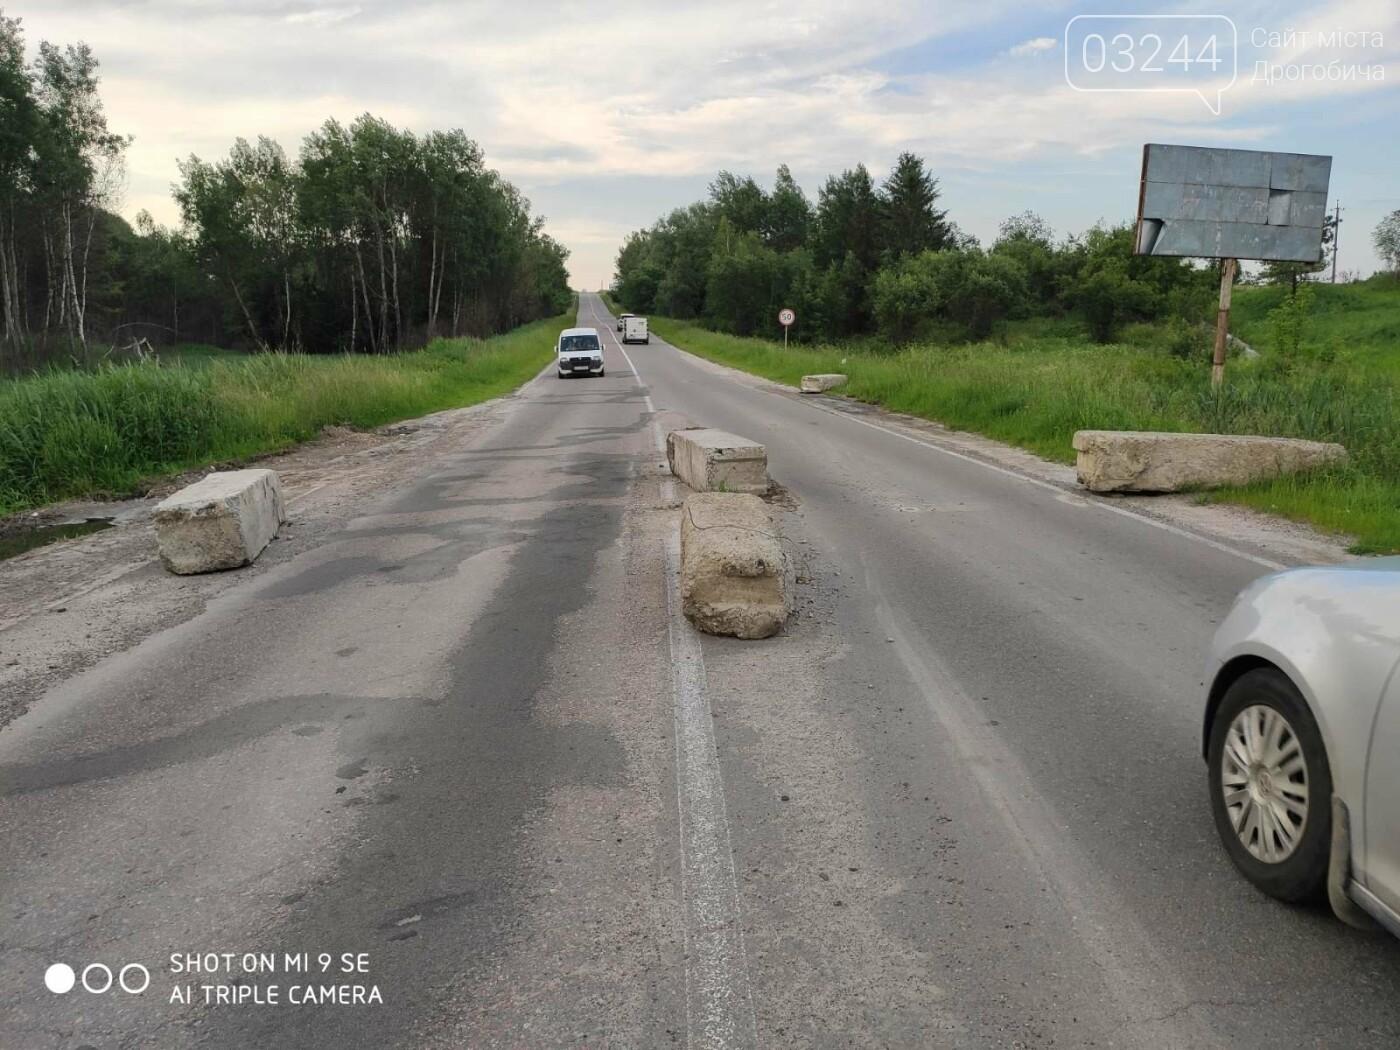 Дорога Дрогобич-Трускавець відкрита для транспорту: відсунуто блоки та шлагбаум. Однак, водіям слід бути обачними, фото-4